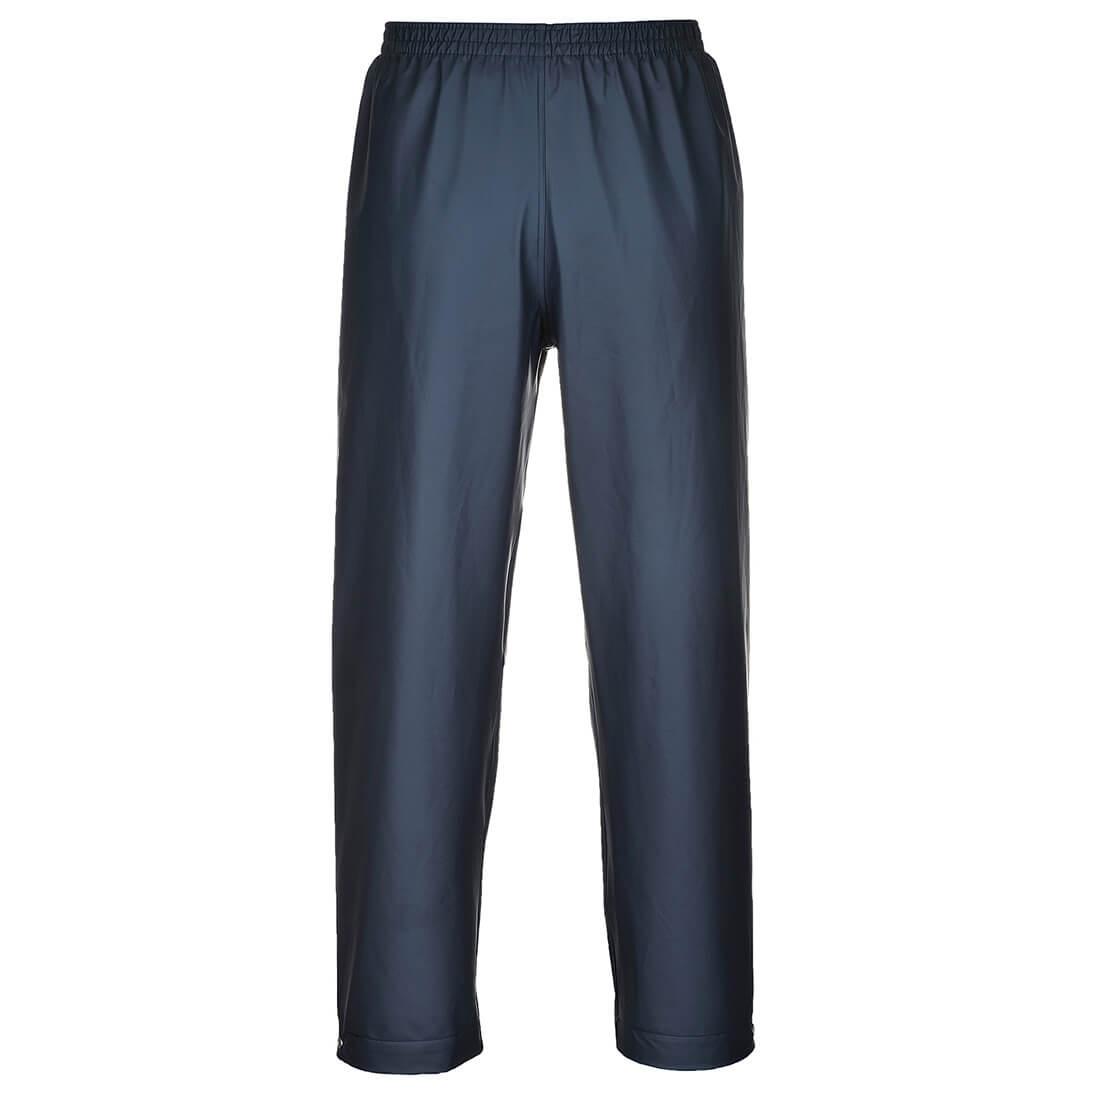 Image of Sealtex Air Mens Waterproof Trousers Navy 2XL